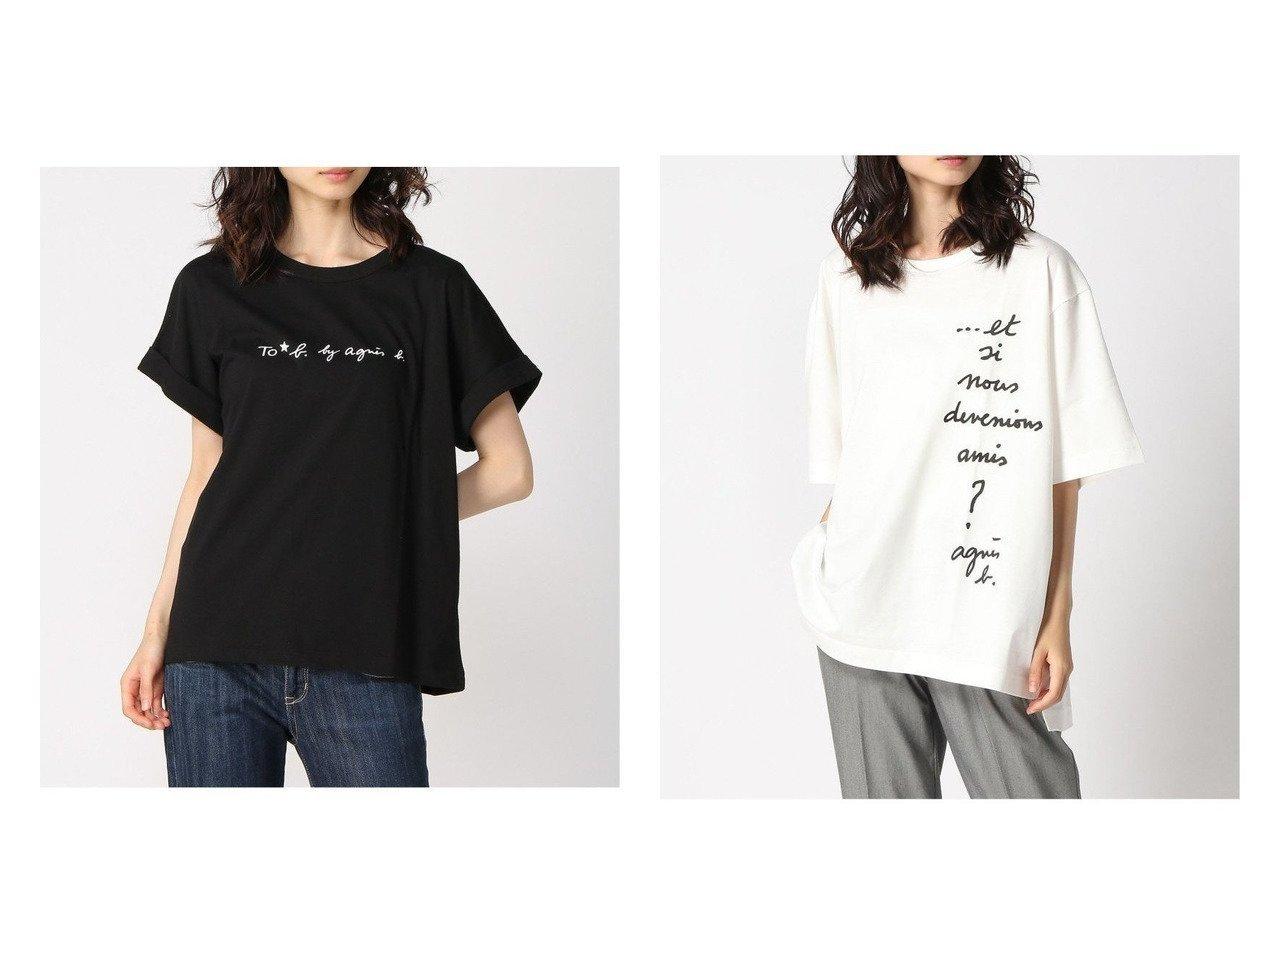 【To b. by agnes b./トゥービー バイ アニエスベー】のTo b. by agnes b./WL84 Tシャツ&To b. by agnes b.W984 TS ロゴ Tシャツ トップス・カットソーのおすすめ!人気、トレンド・レディースファッションの通販 おすすめで人気の流行・トレンド、ファッションの通販商品 メンズファッション・キッズファッション・インテリア・家具・レディースファッション・服の通販 founy(ファニー) https://founy.com/ ファッション Fashion レディースファッション WOMEN トップス カットソー Tops Tshirt シャツ/ブラウス Shirts Blouses ロング / Tシャツ T-Shirts カットソー Cut and Sewn カットソー フロント ロールアップ スリット ビッグ プリント ミドル  ID:crp329100000022954